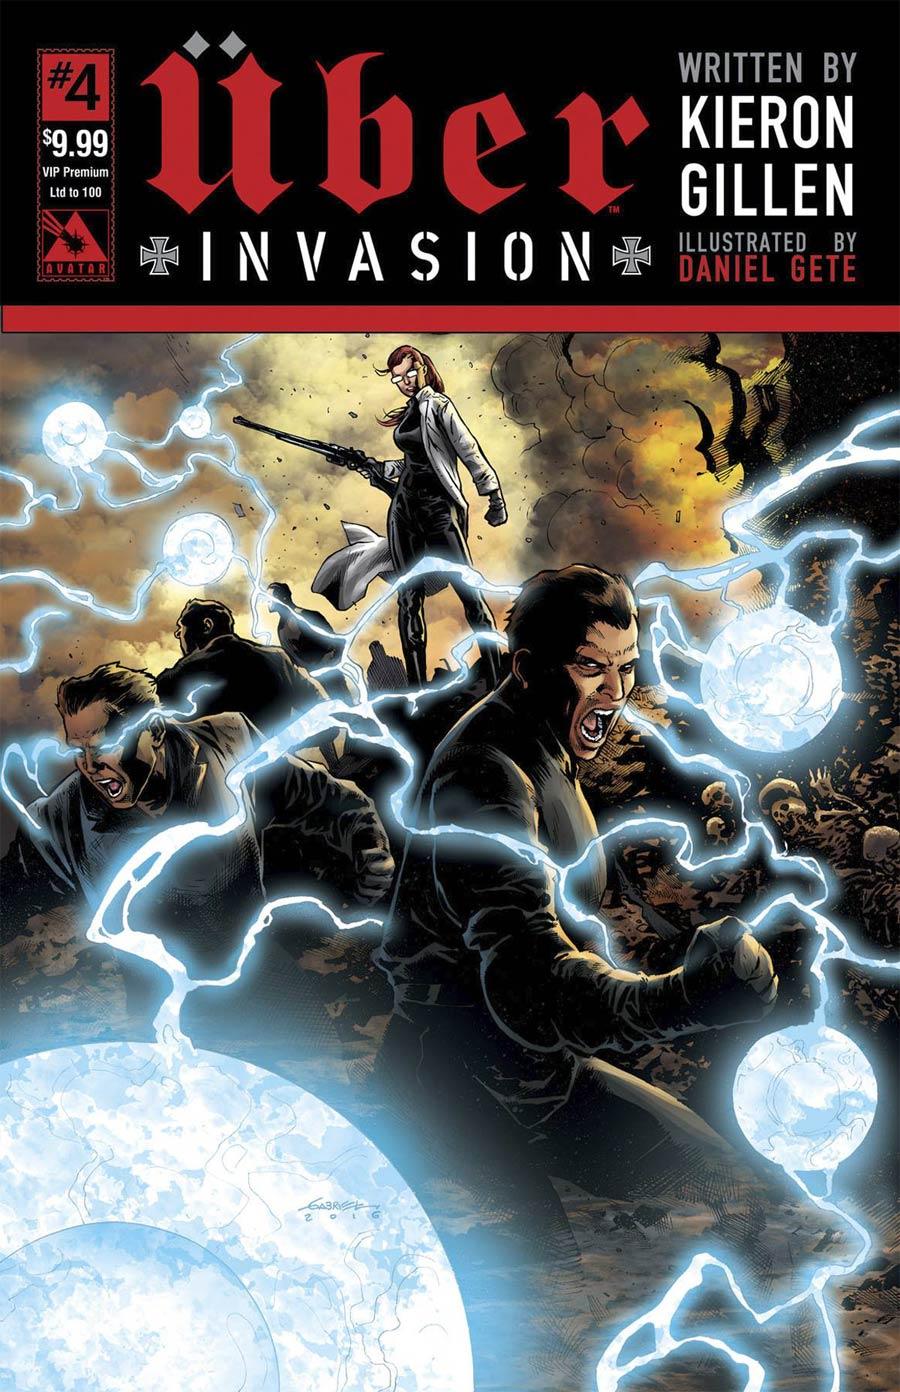 Uber Invasion #4 Cover F VIP Premium Cover